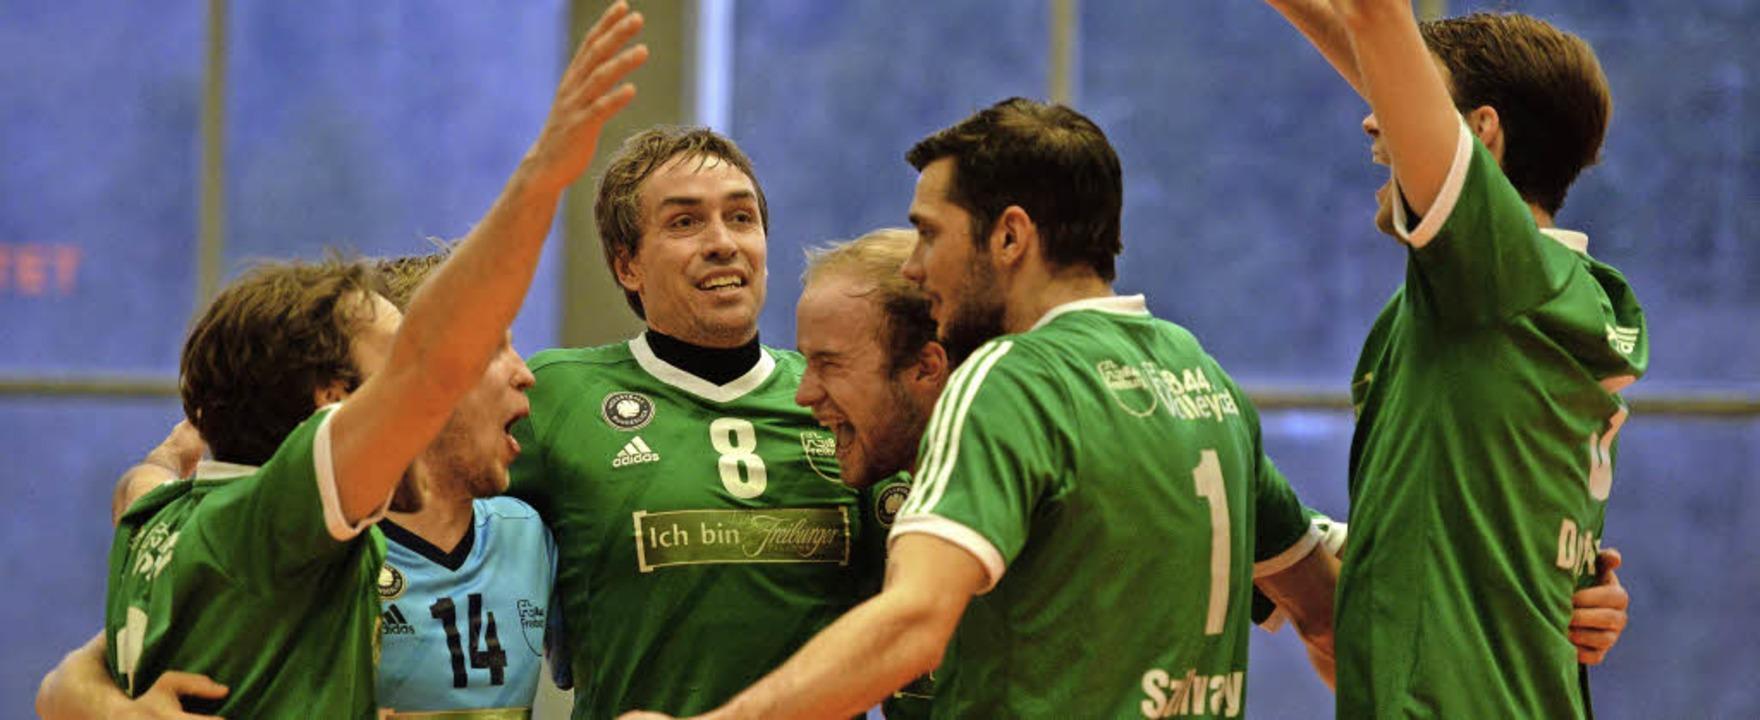 Freiburger Jubel  mit Spielertrainer W...mer 8) beim 3:0-Sieg über Waldgirmes.   | Foto: Seeger